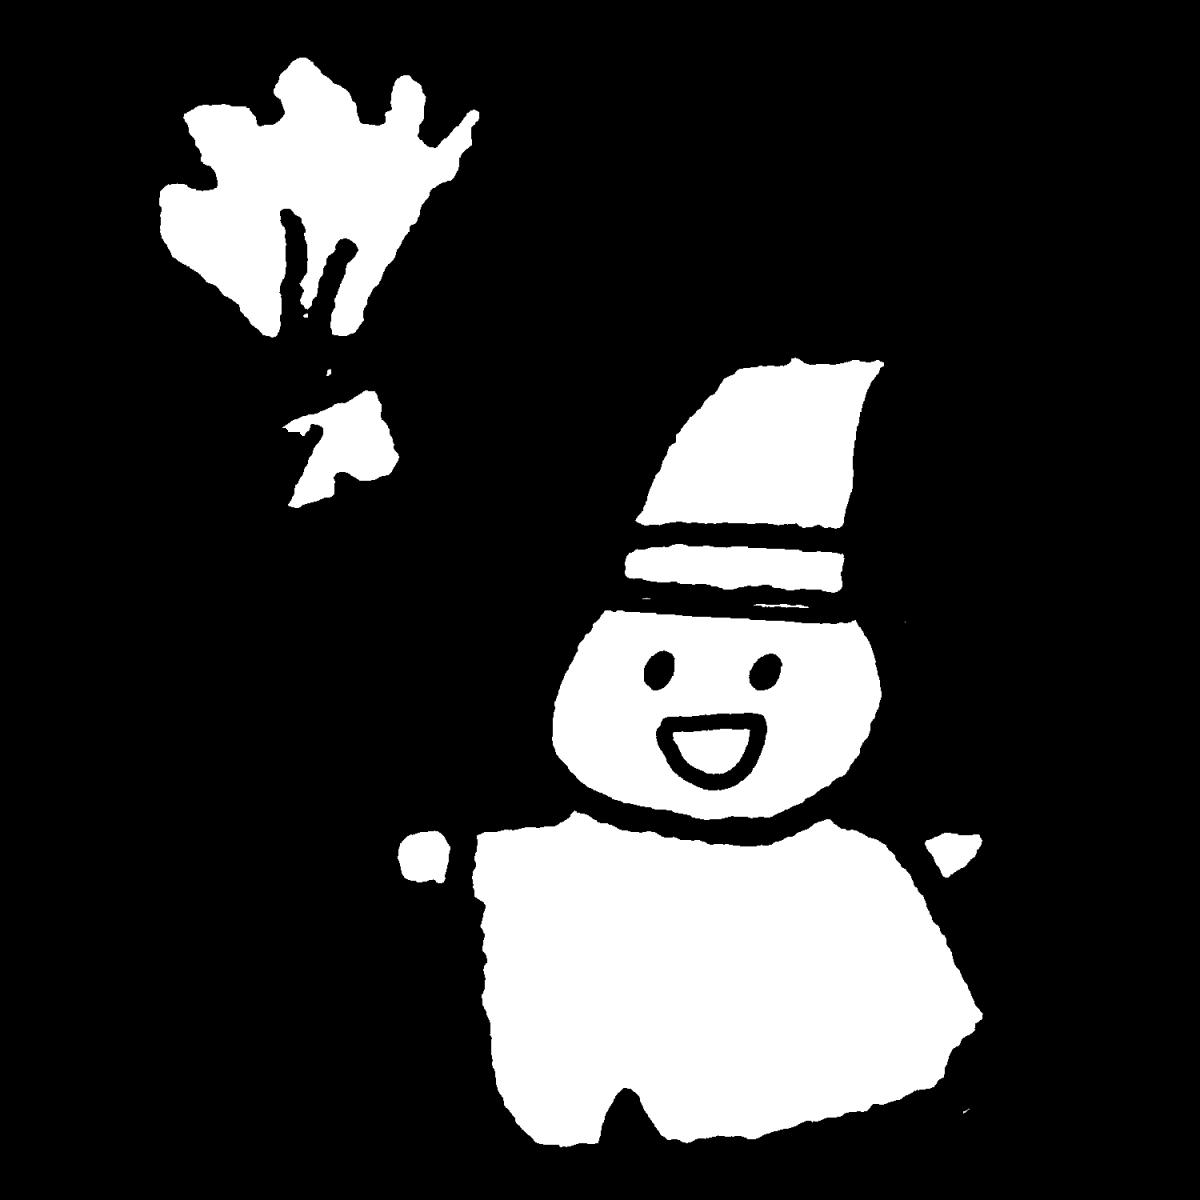 魔法使いのイラスト / Wizard Illustration